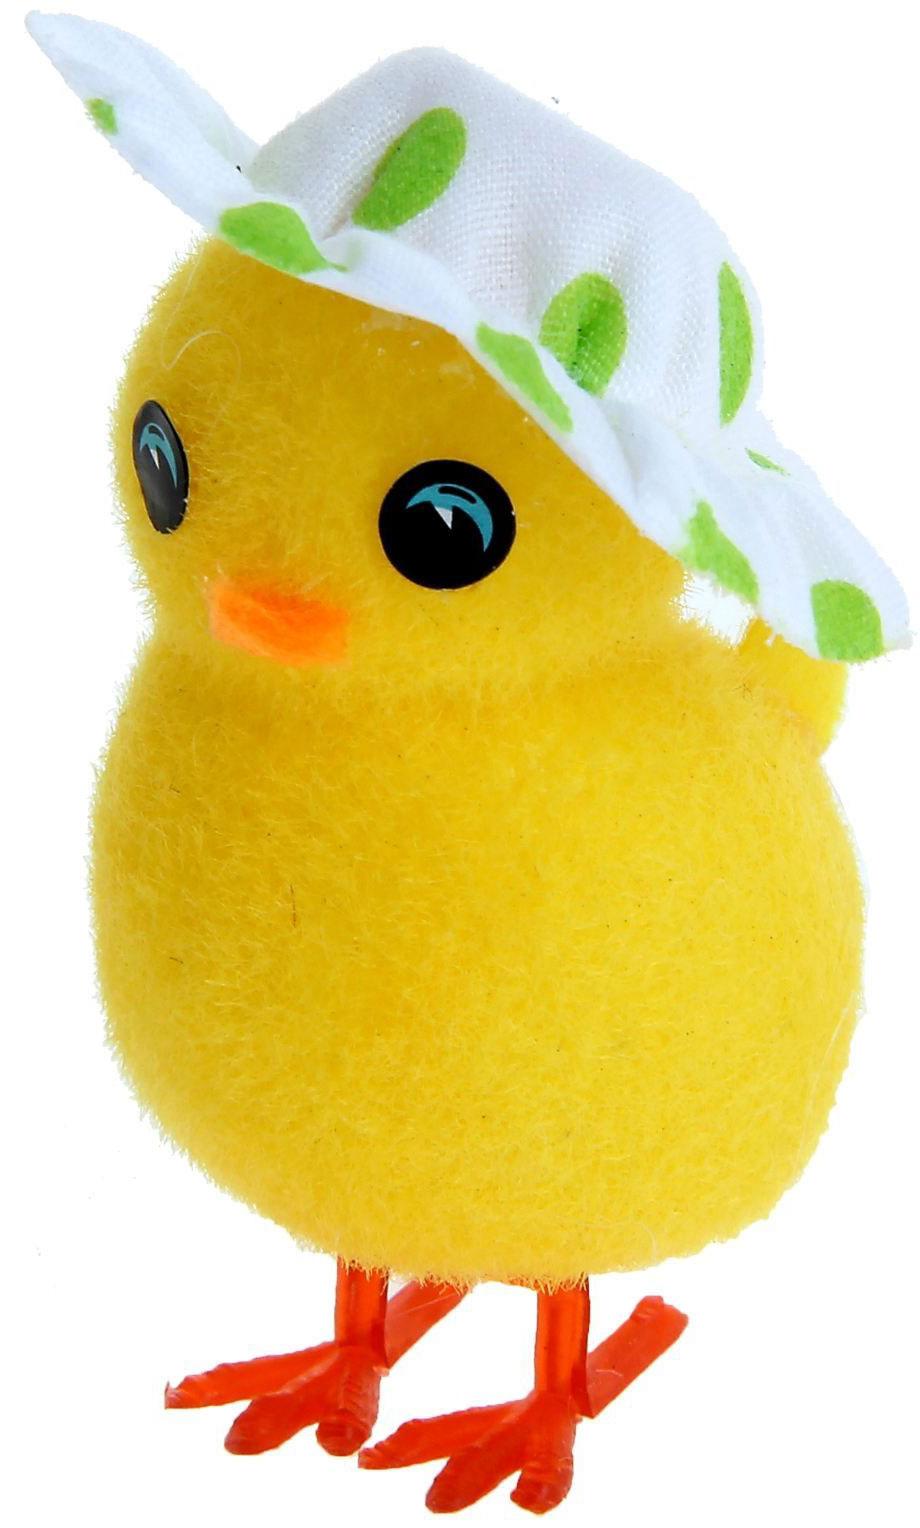 Сувенир пасхальный Sima-land Цыпа в шляпке, 4,3 х 2,8 х 6,8 см119894Дарить подарки на Пасху – это такая же традиция, как красить яйца и выпекать куличи. Презенты вдвойне приятнее, если они несут в себе сакральный смысл и имеют какое-то значение.Сувенир Цыплёнок в шляпке, цвета МИКС - это символ возрождения и непрерывности жизни. С его помощью вы сможете украсить жилище, преподнести его близкому человеку или использовать при сервировке стола всю пасхальную неделю. Кроме того, пасхальные цыплята нравятся маленьким деткам.